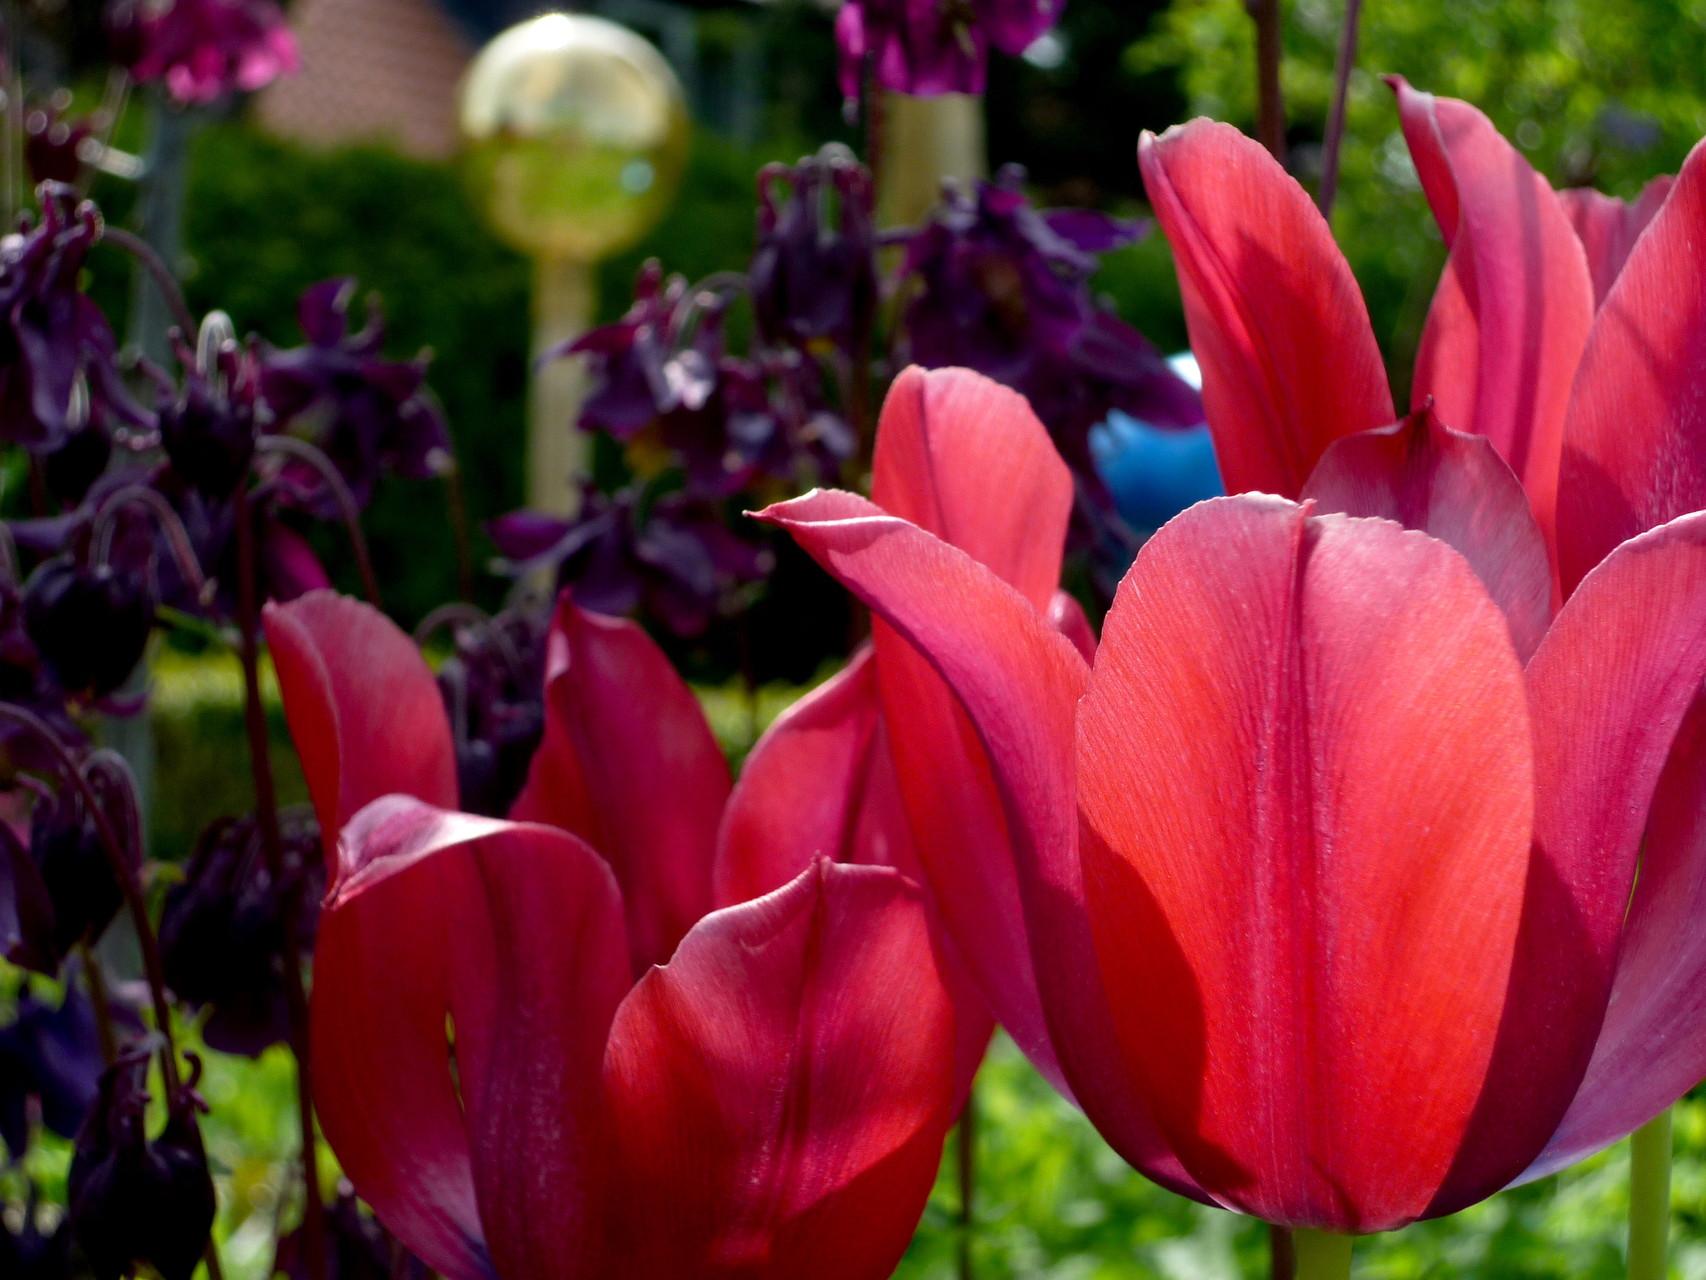 Pfarrscheune Hagen, Garten, Blumen